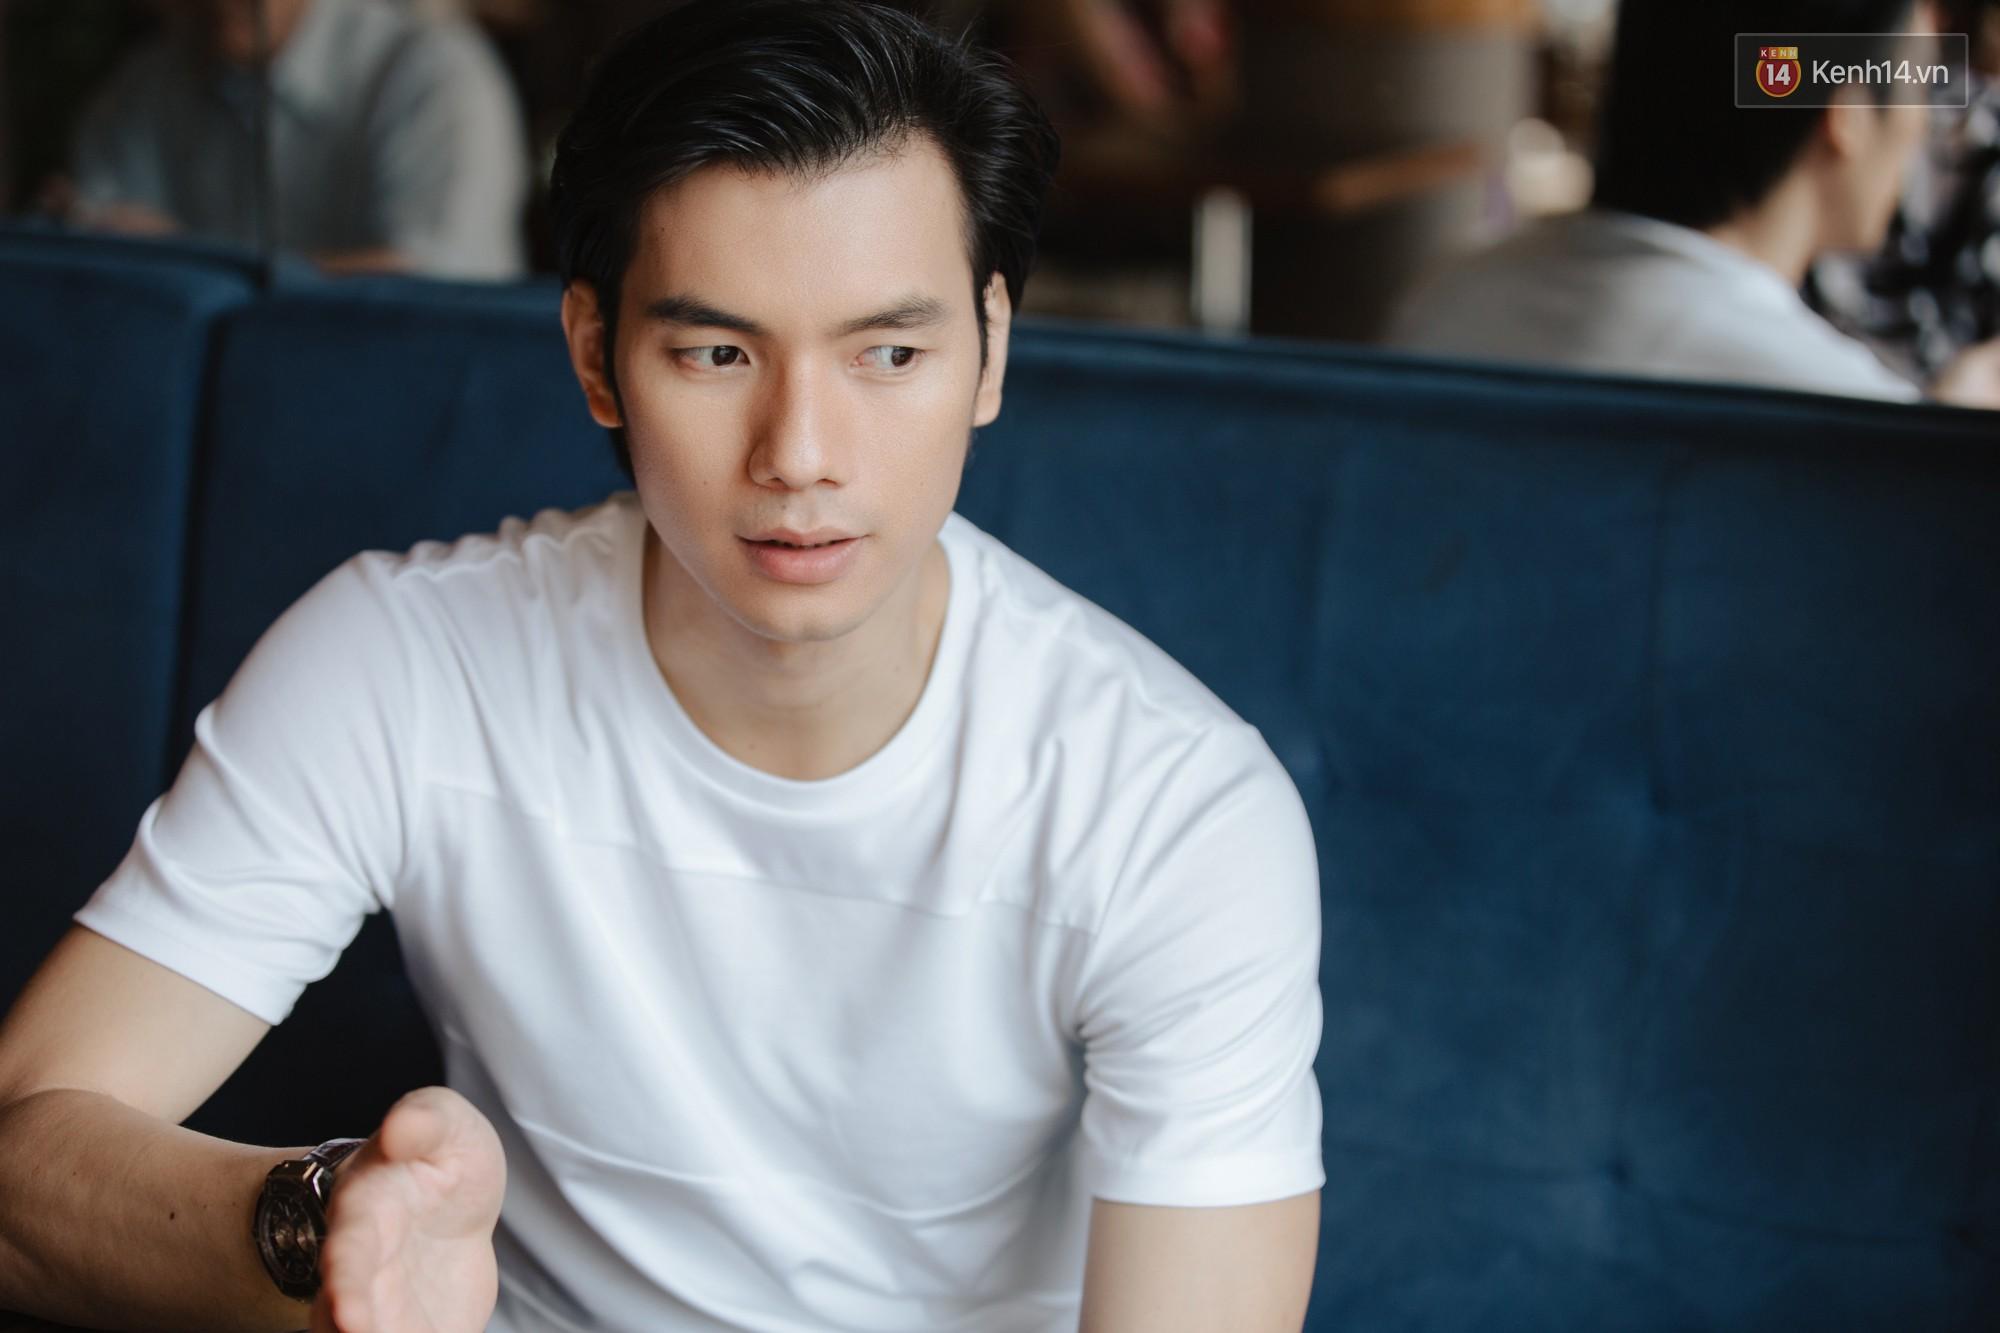 Nhan Phúc Vinh ám ảnh biến cố 10 năm với đạo diễn Nguyễn Quang Dũng: Tôi khóc như mưa ngay giữa quán nhậu - Ảnh 8.